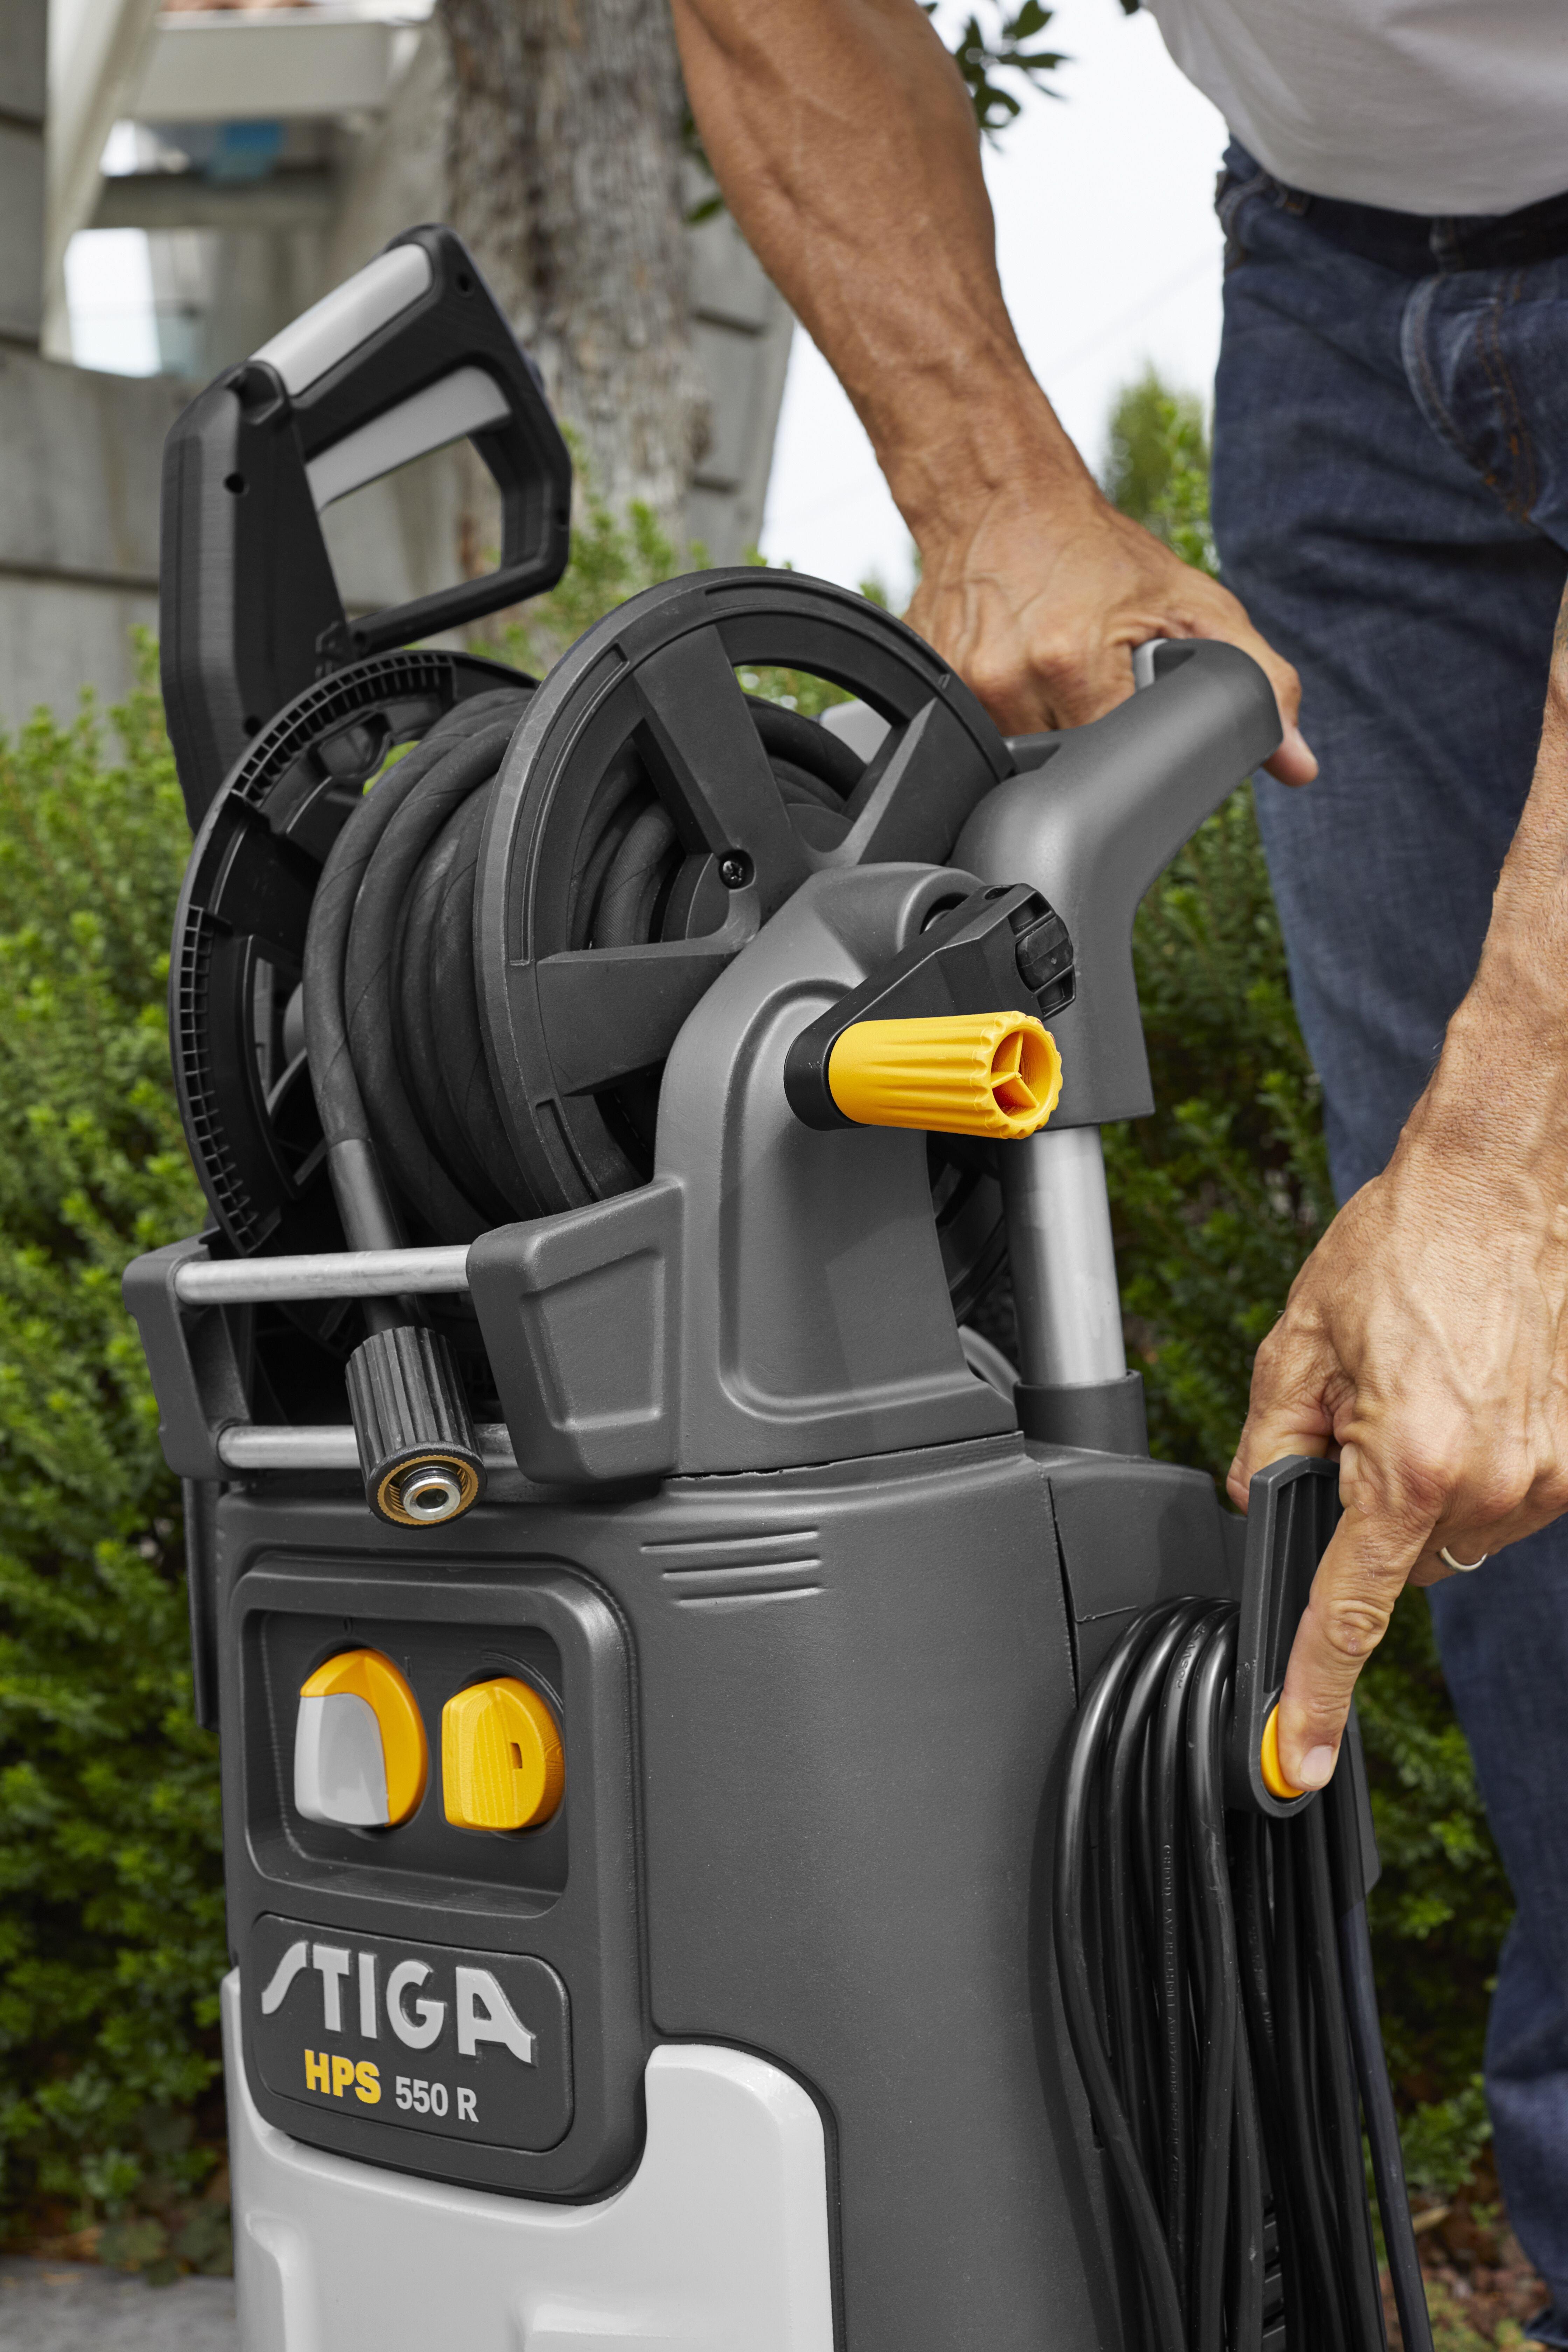 HPS550 Pressure Washer